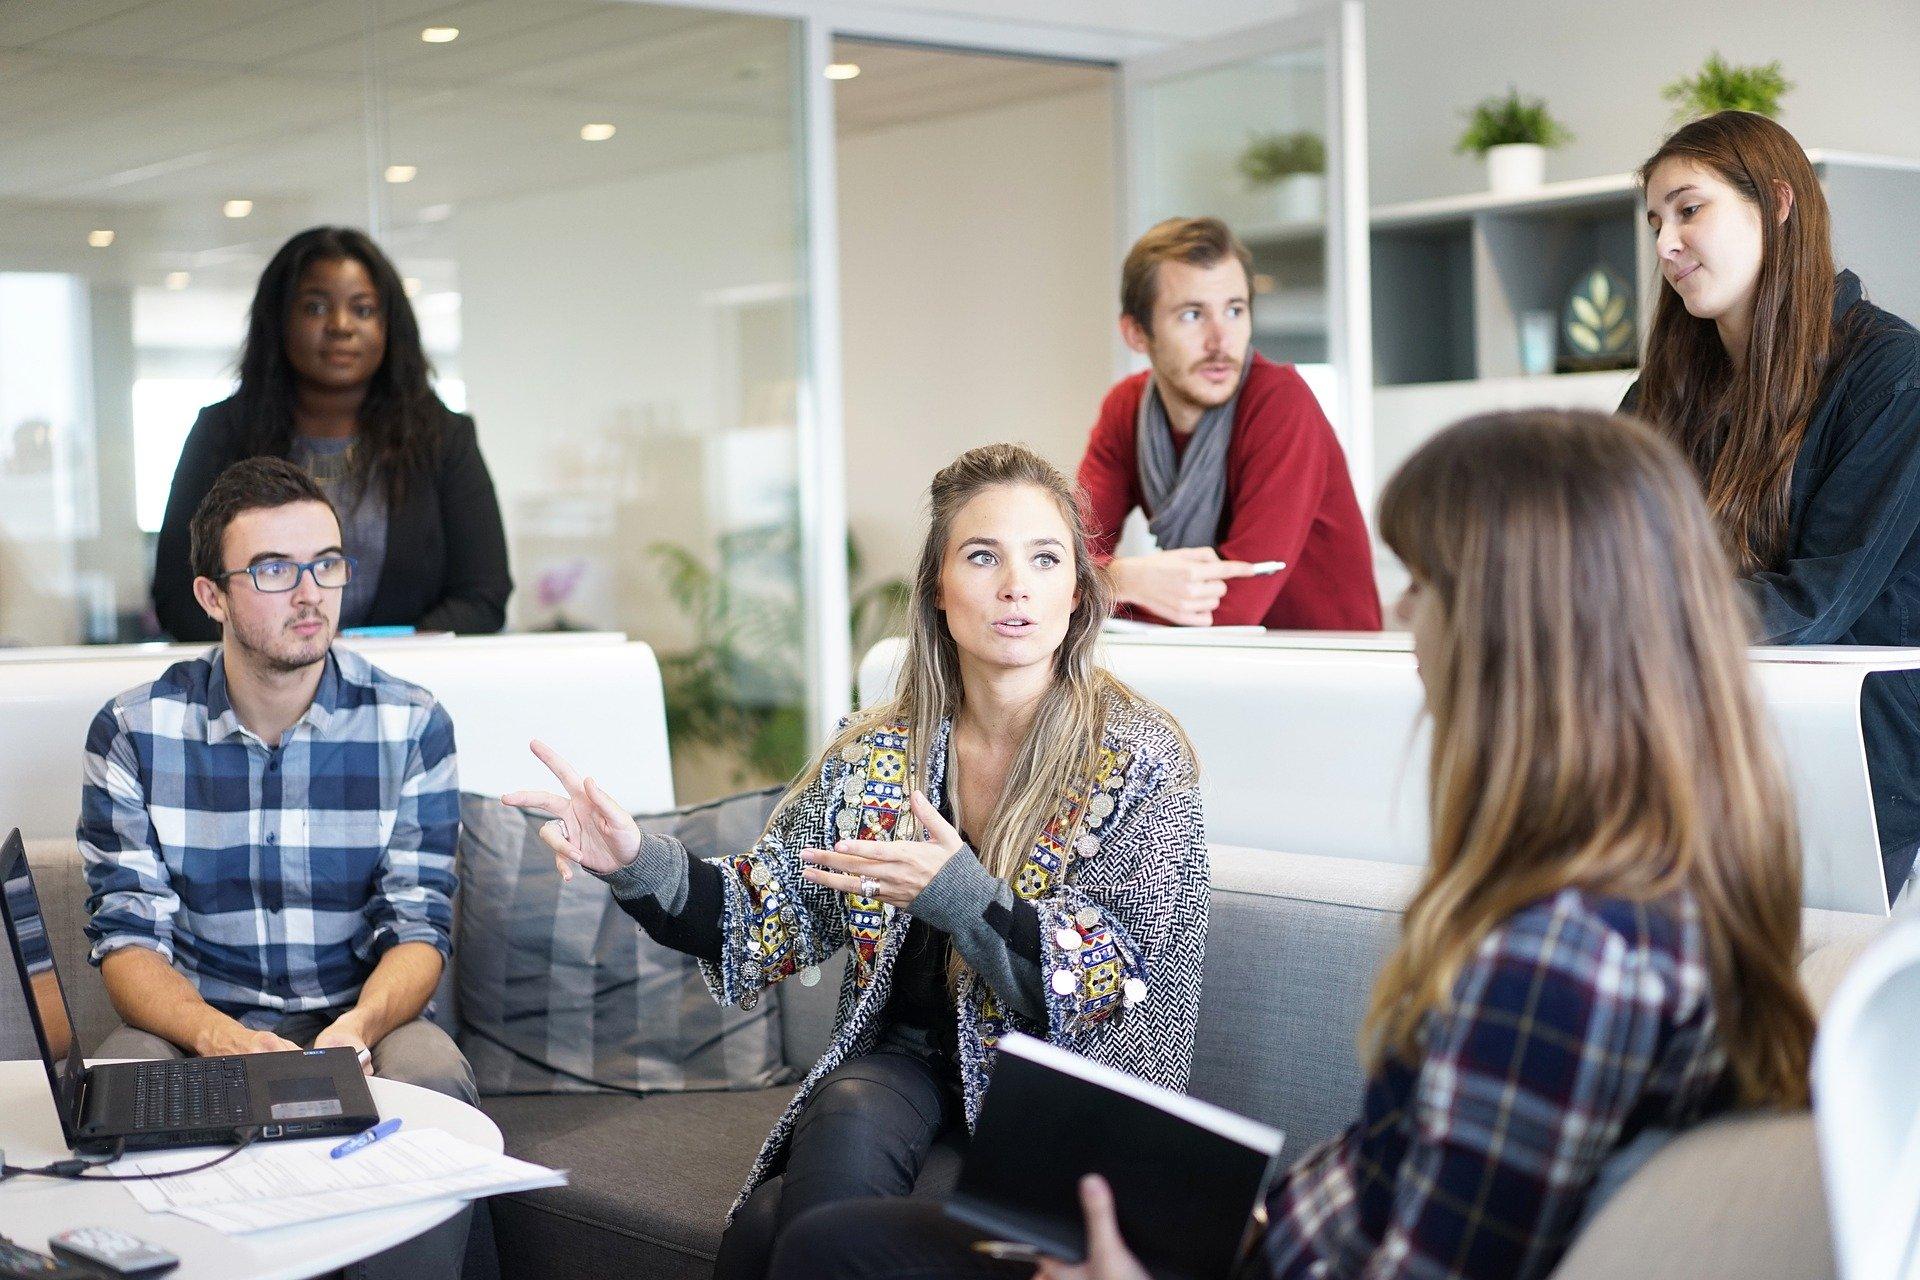 T'agradaria treballar a una ONG? Revisa les ofertes de feina de l'Associació Benestar i Desenvolupament ABD